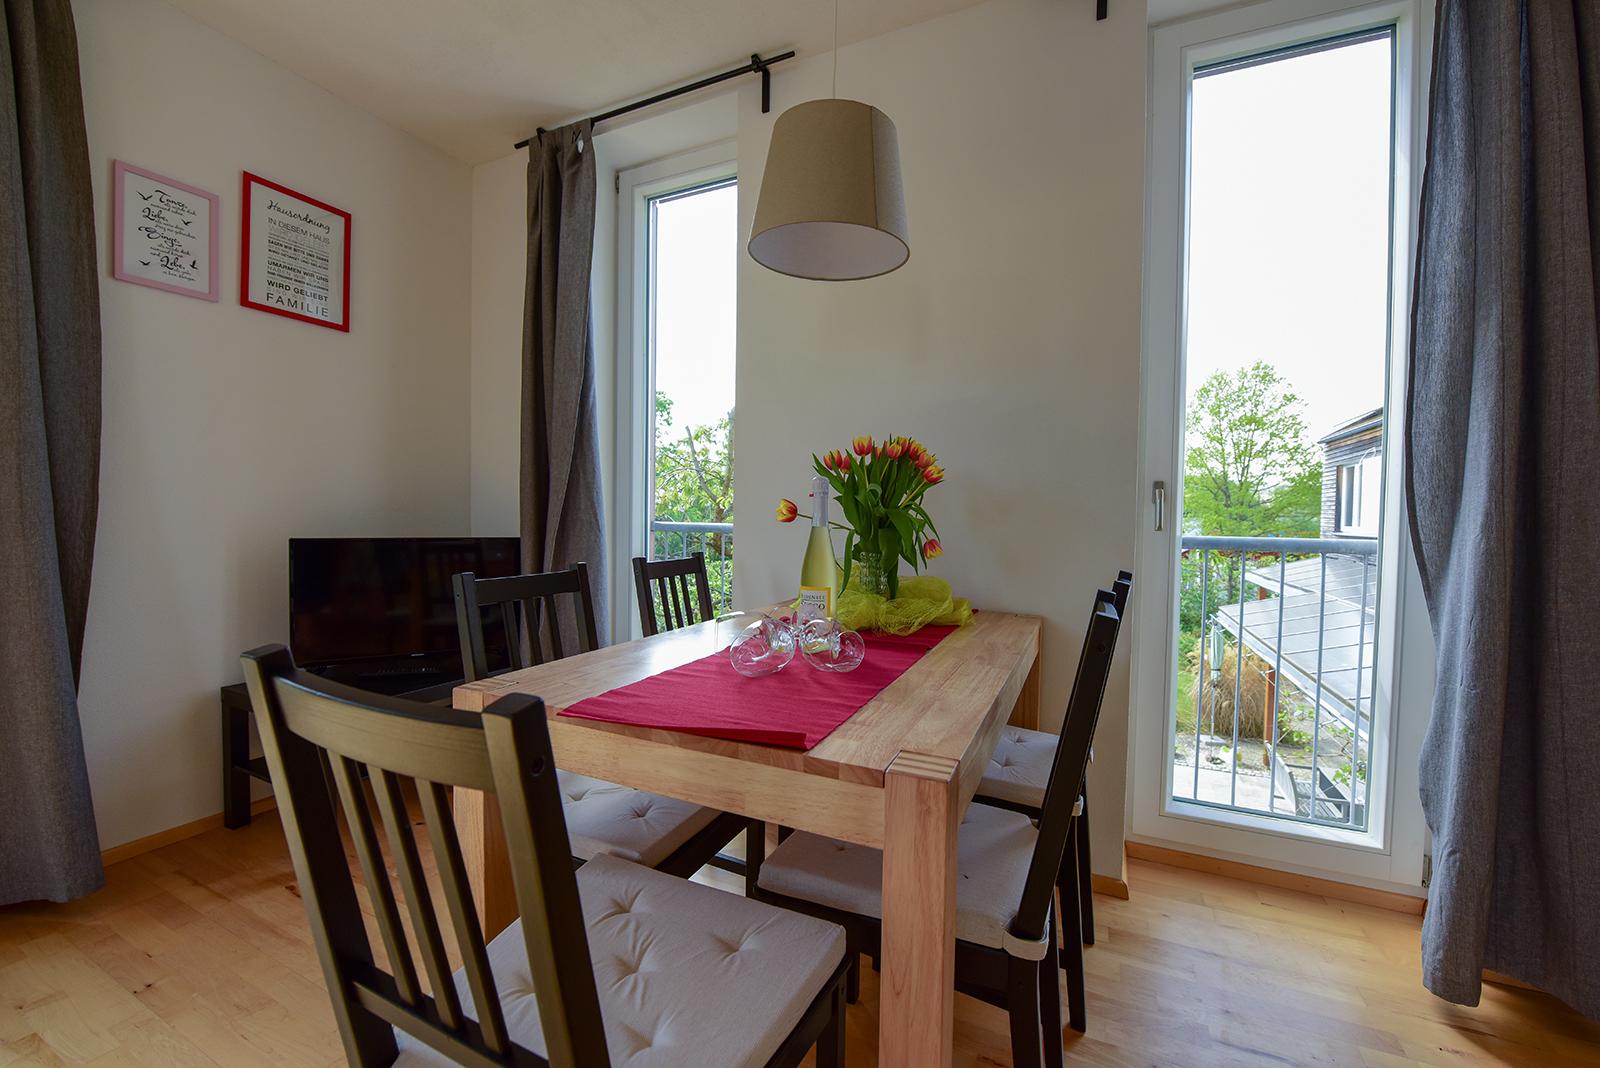 Ferienwohnung am Bodensee: Seeblüte - Essbereich